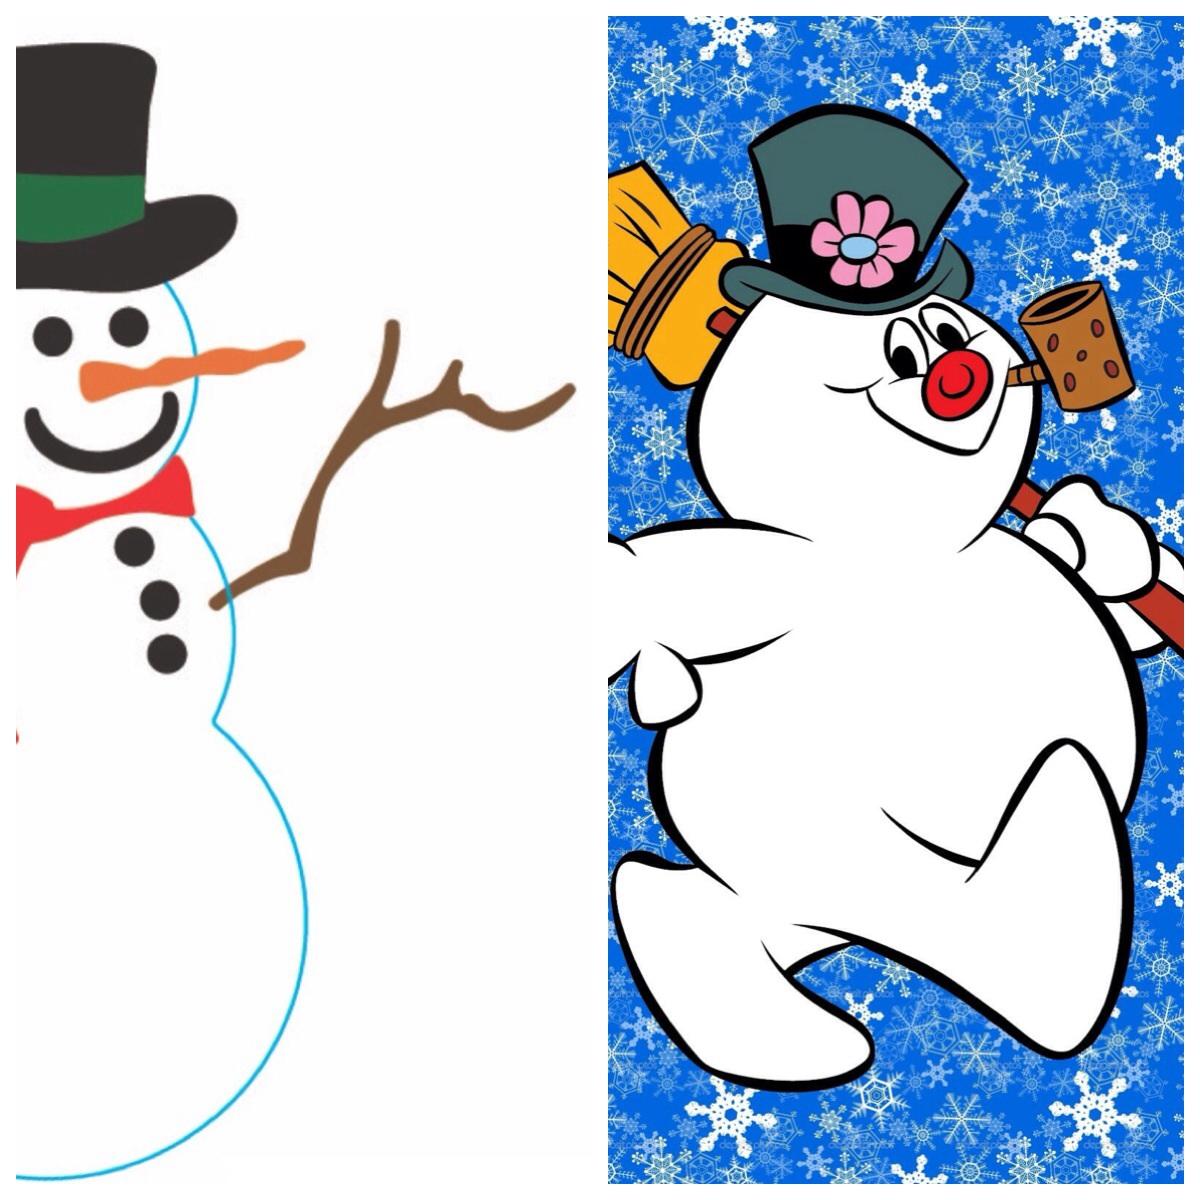 Just Snowman Arms it's a snowman's arm!